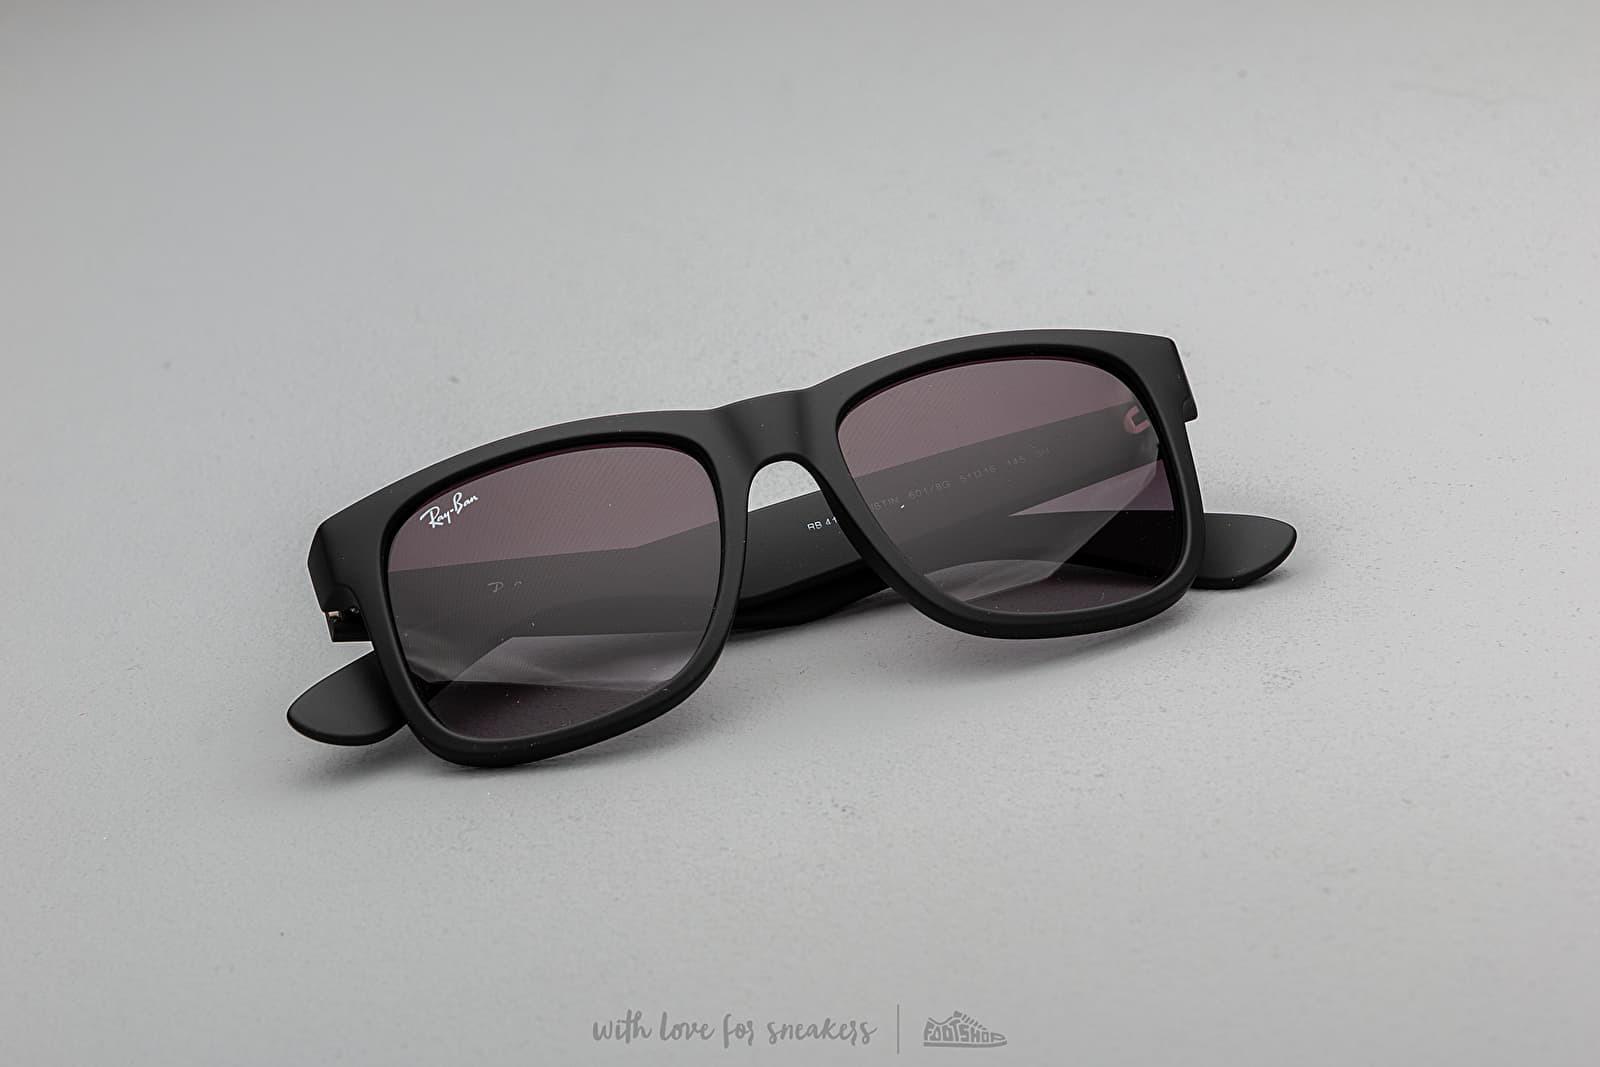 33e2dc0216 Ray Ban Justin Sunglasses Black a muy buen precio 129 € comprar en Footshop